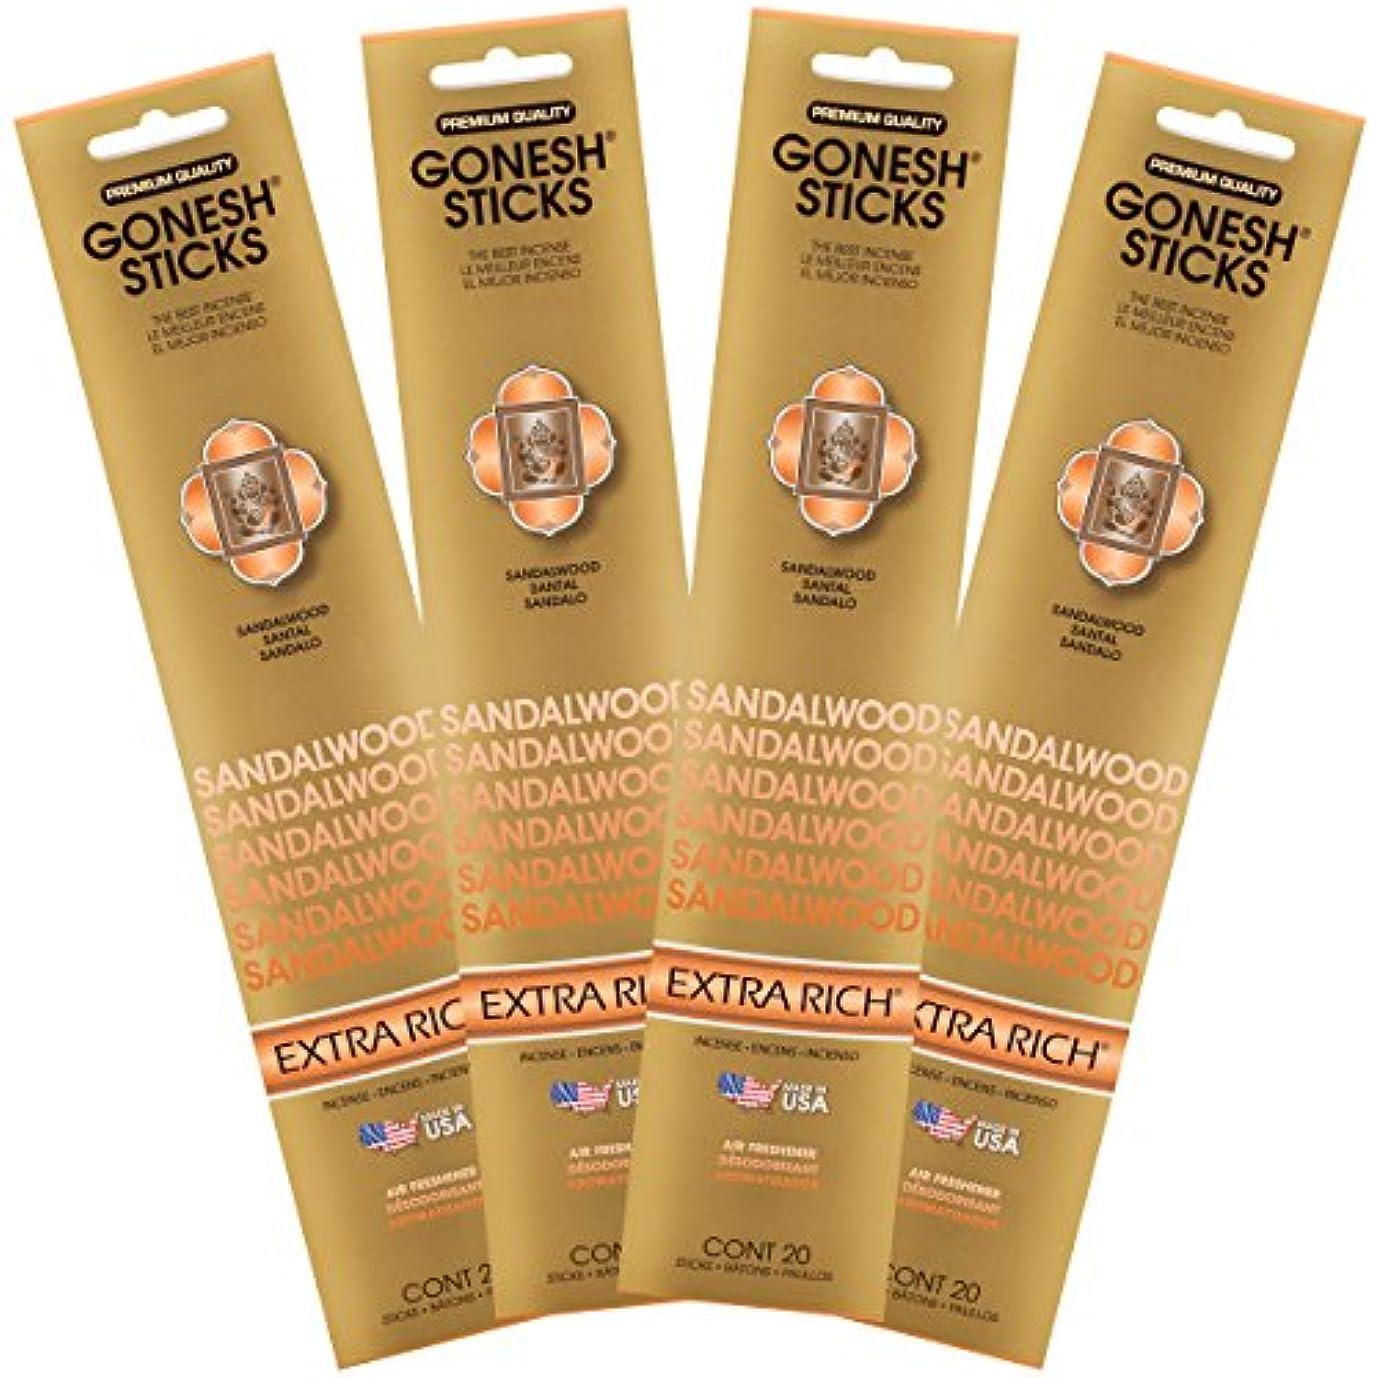 消費公平似ている(Set of Four 20-Stick Packs) - Sandalwood - 4 PACK- Extra Rich Incense by GONESH